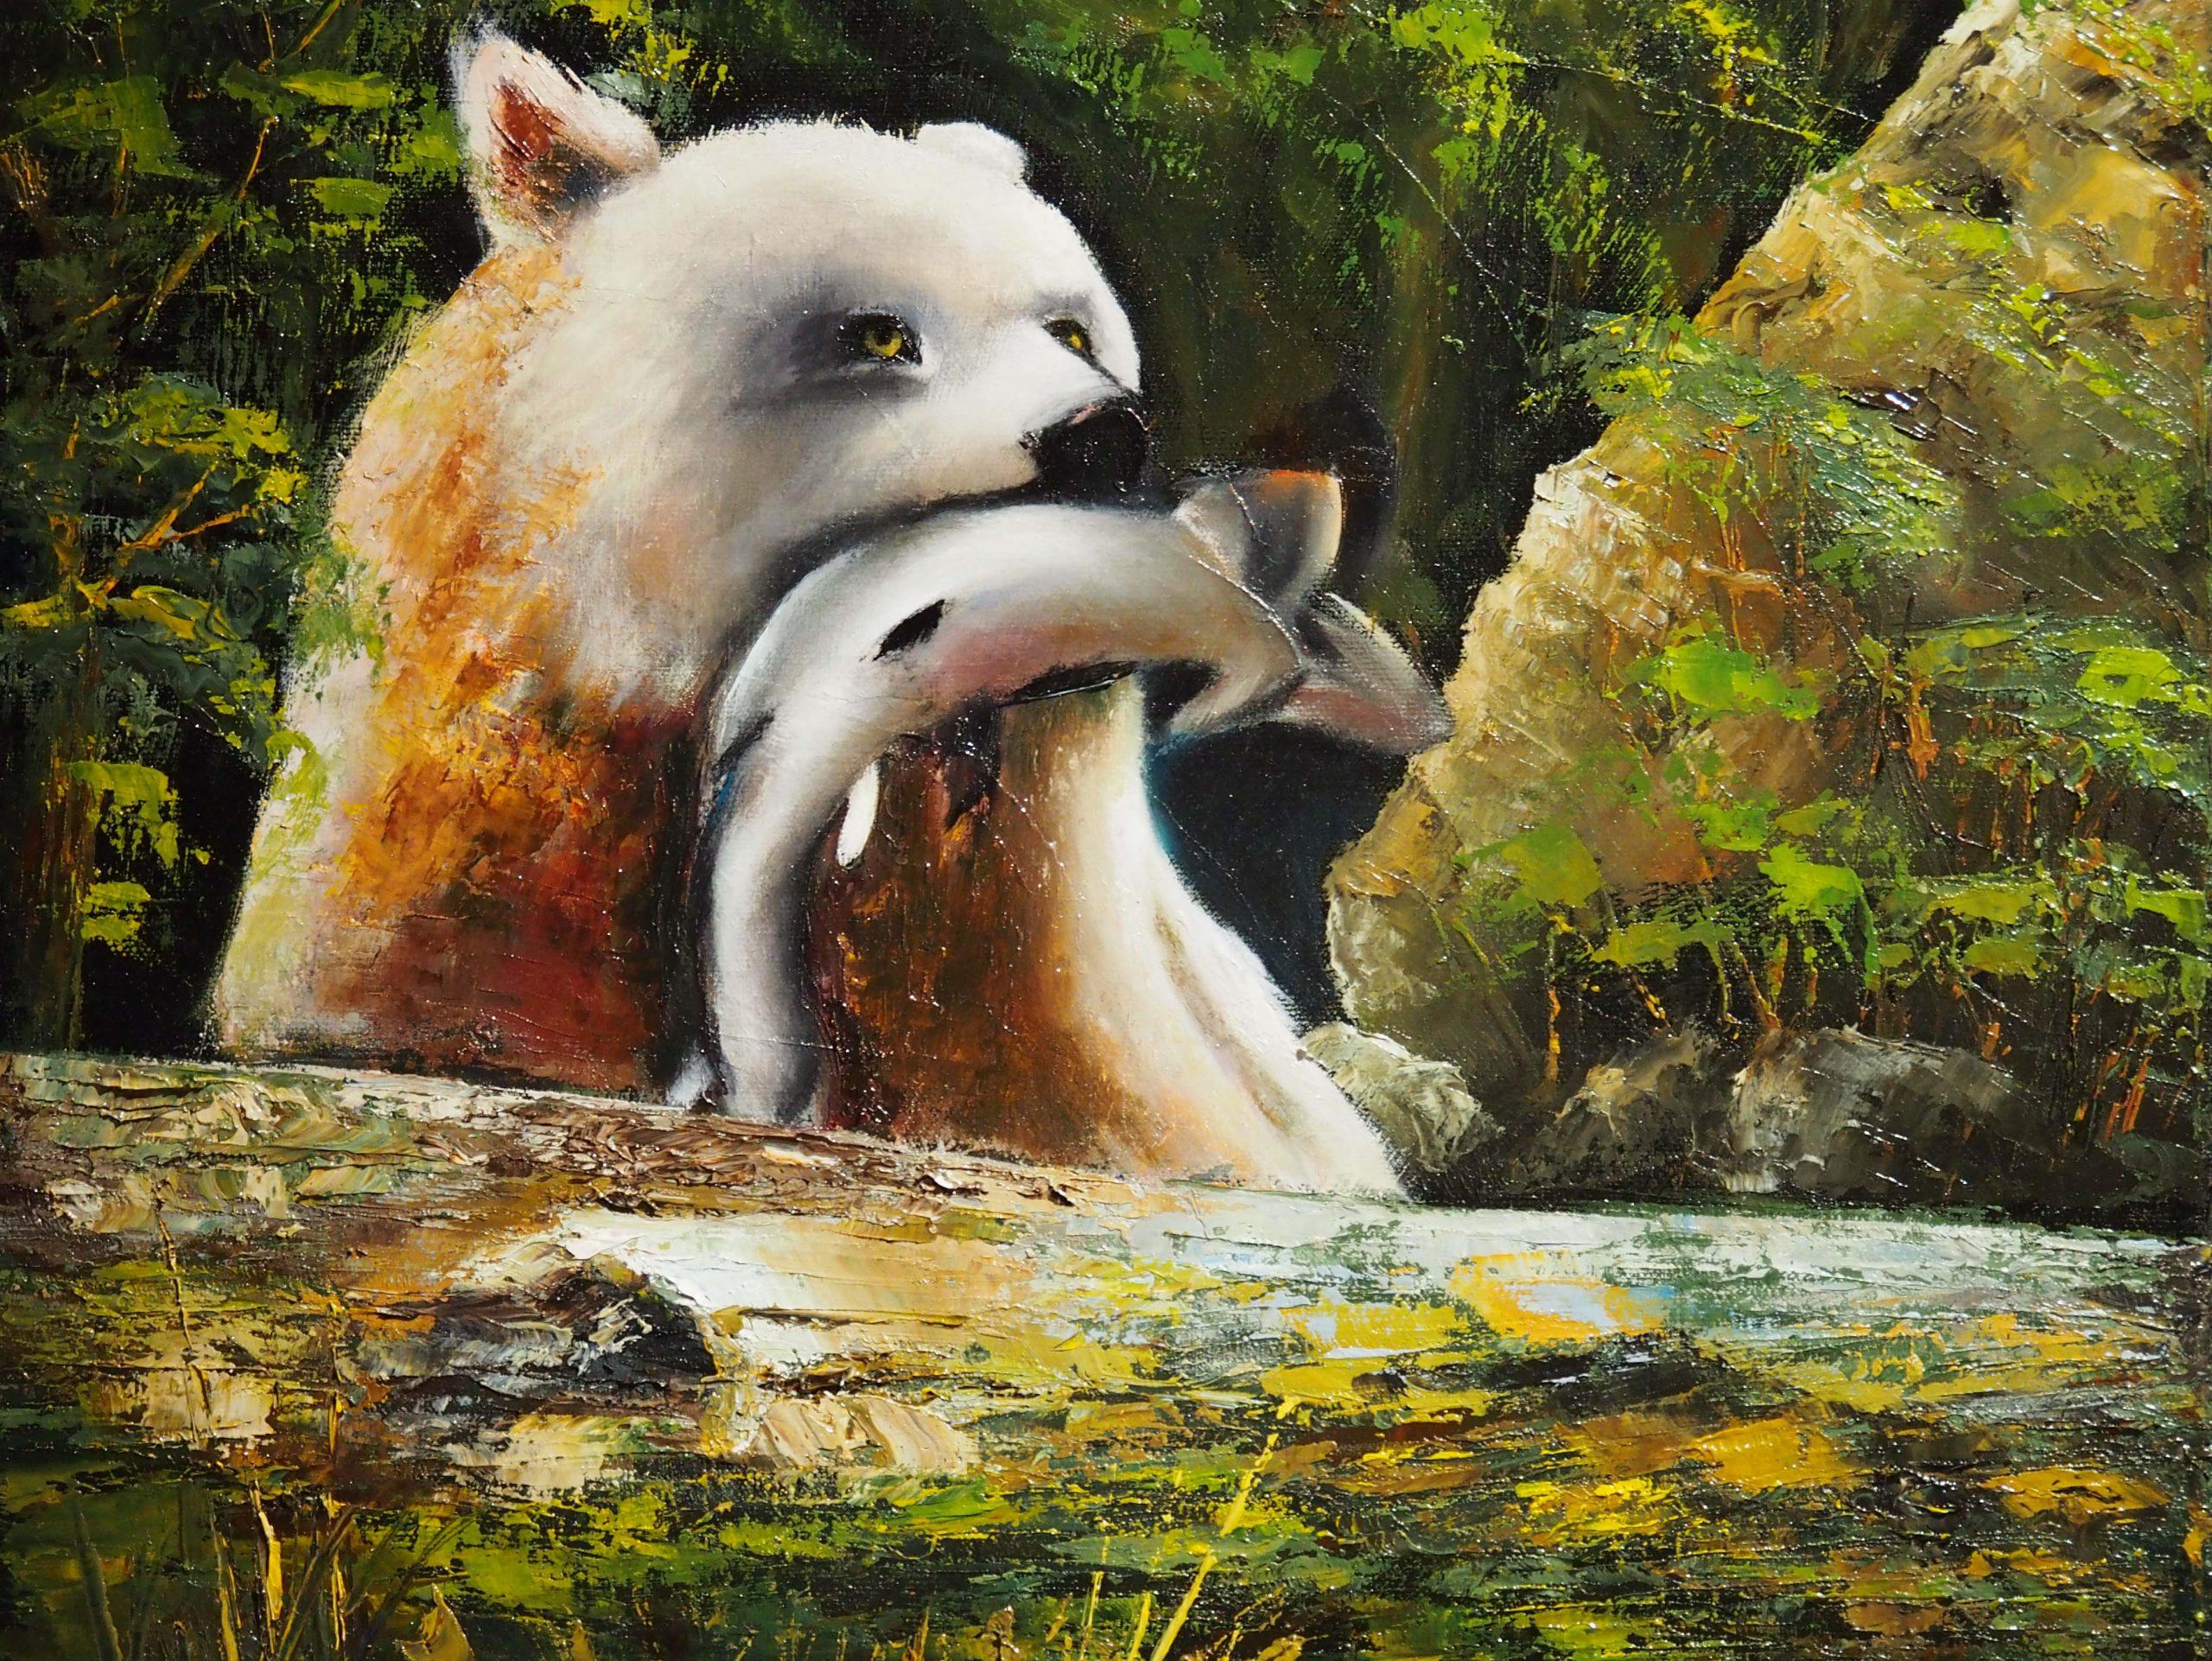 L'ours esprit